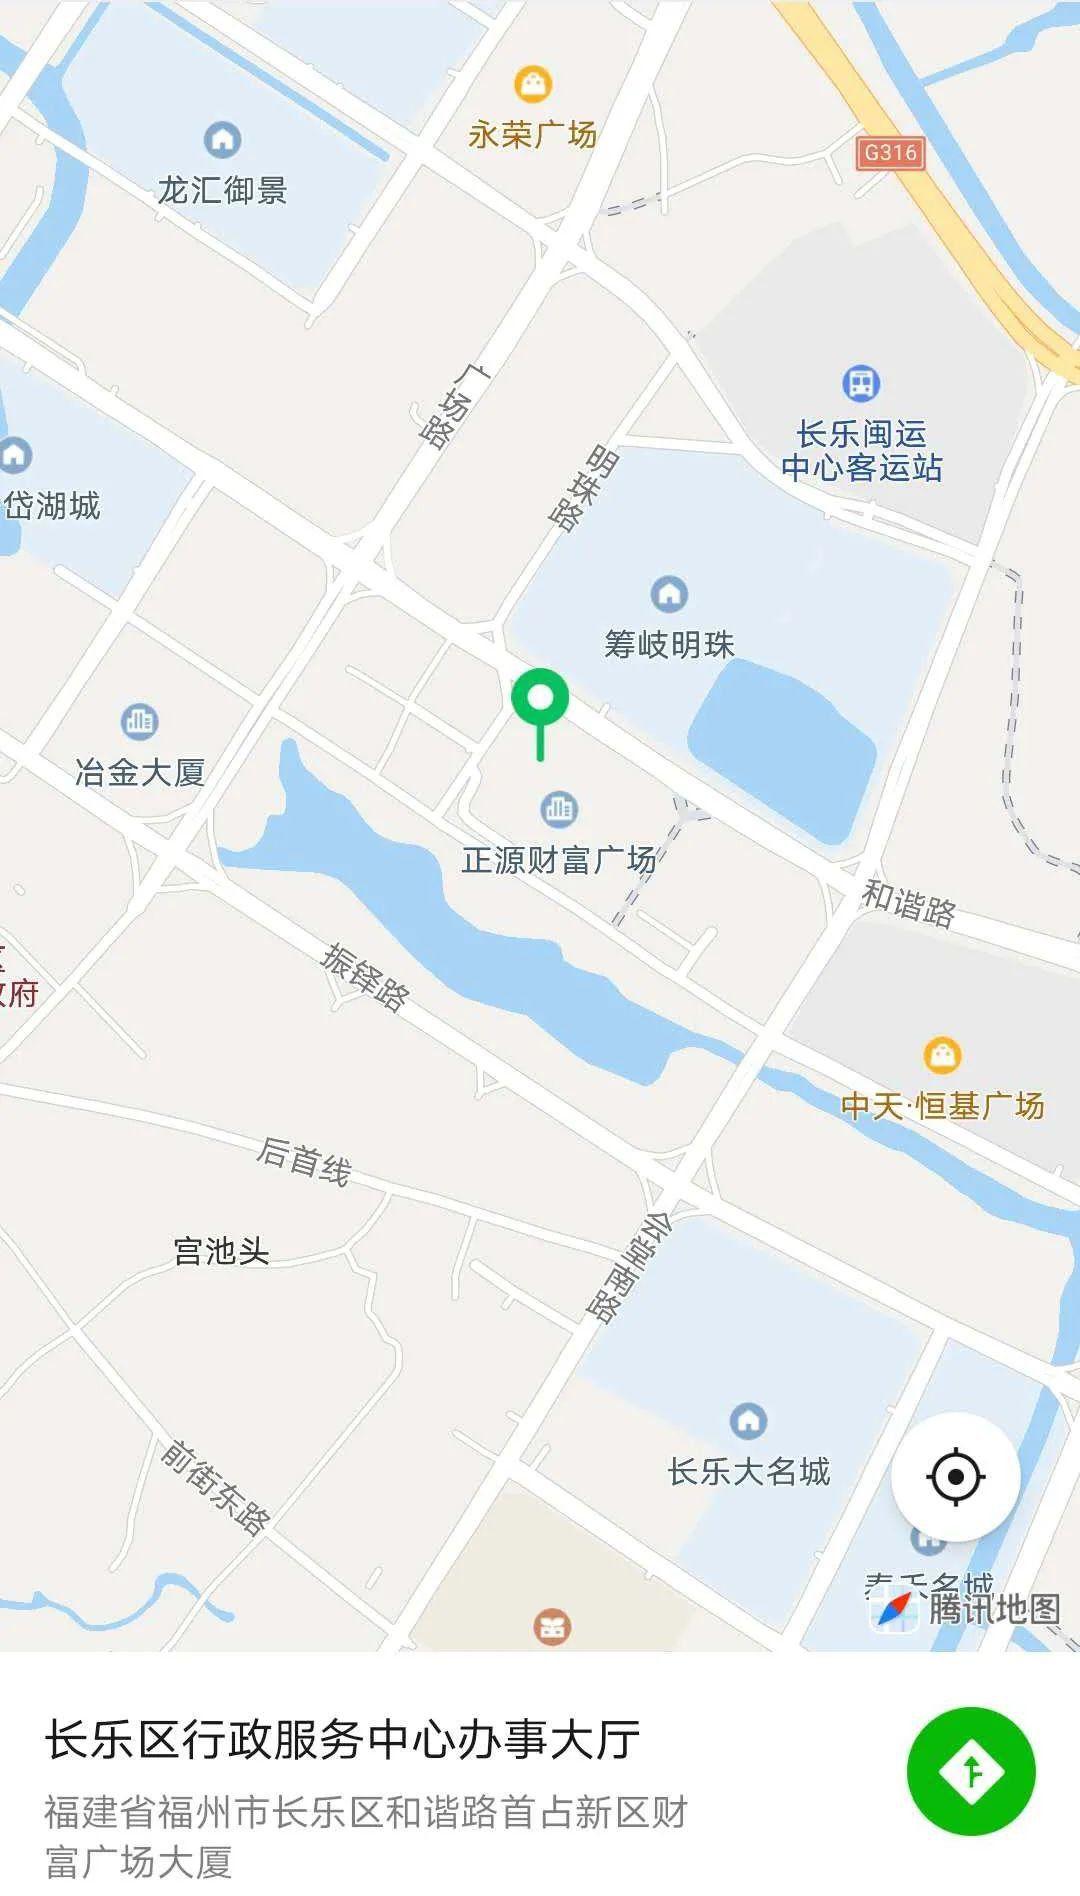 福州公积金中心长乐管理部